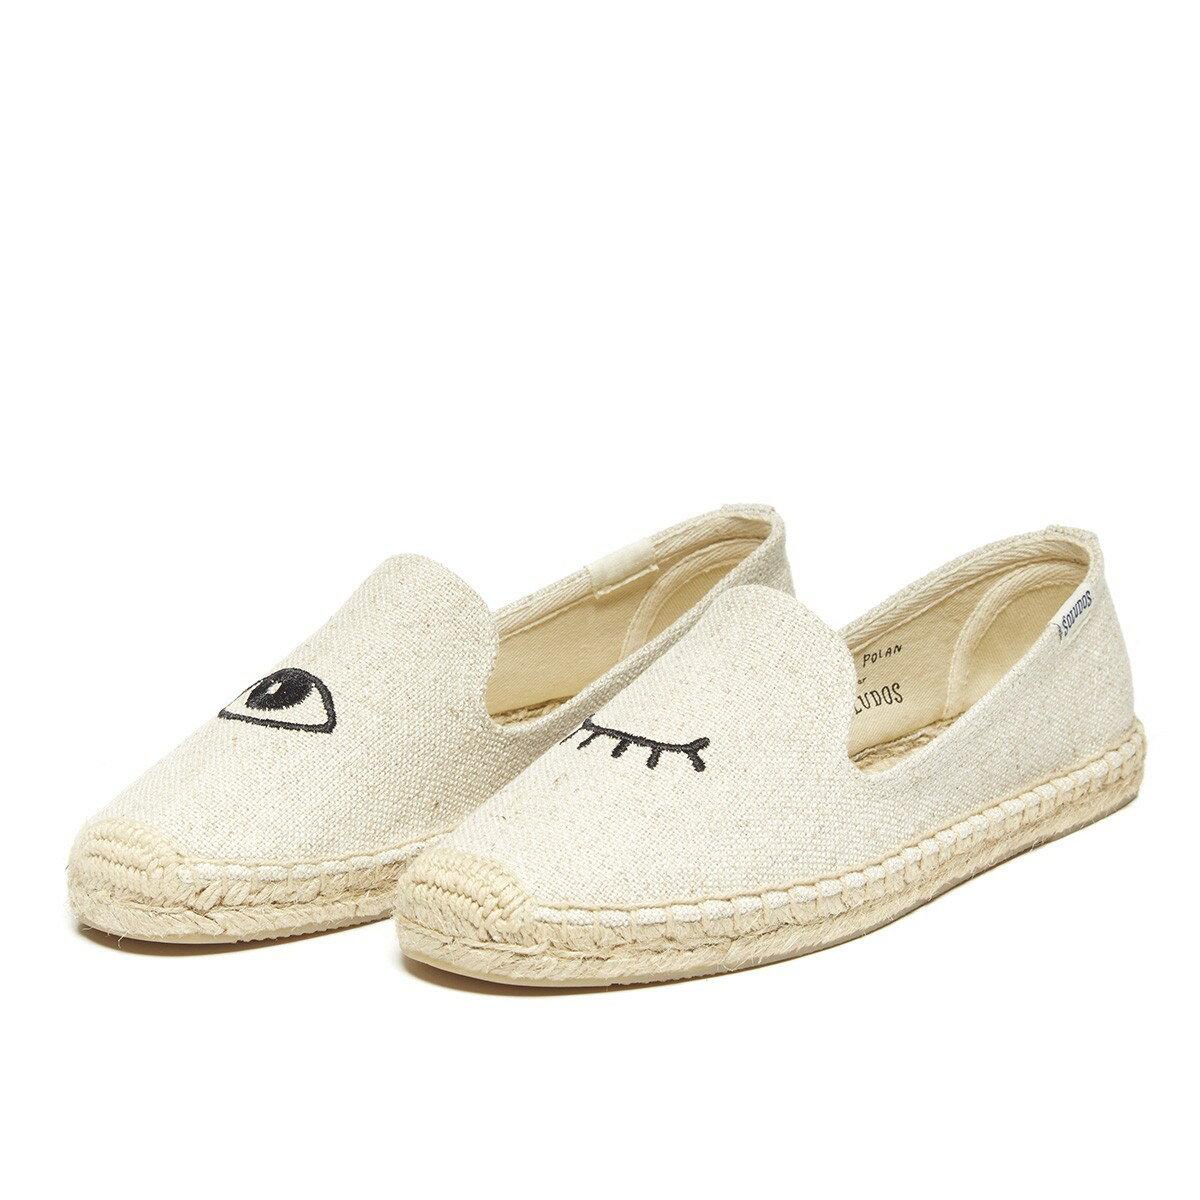 【Soludos】塗鴉系列草編鞋